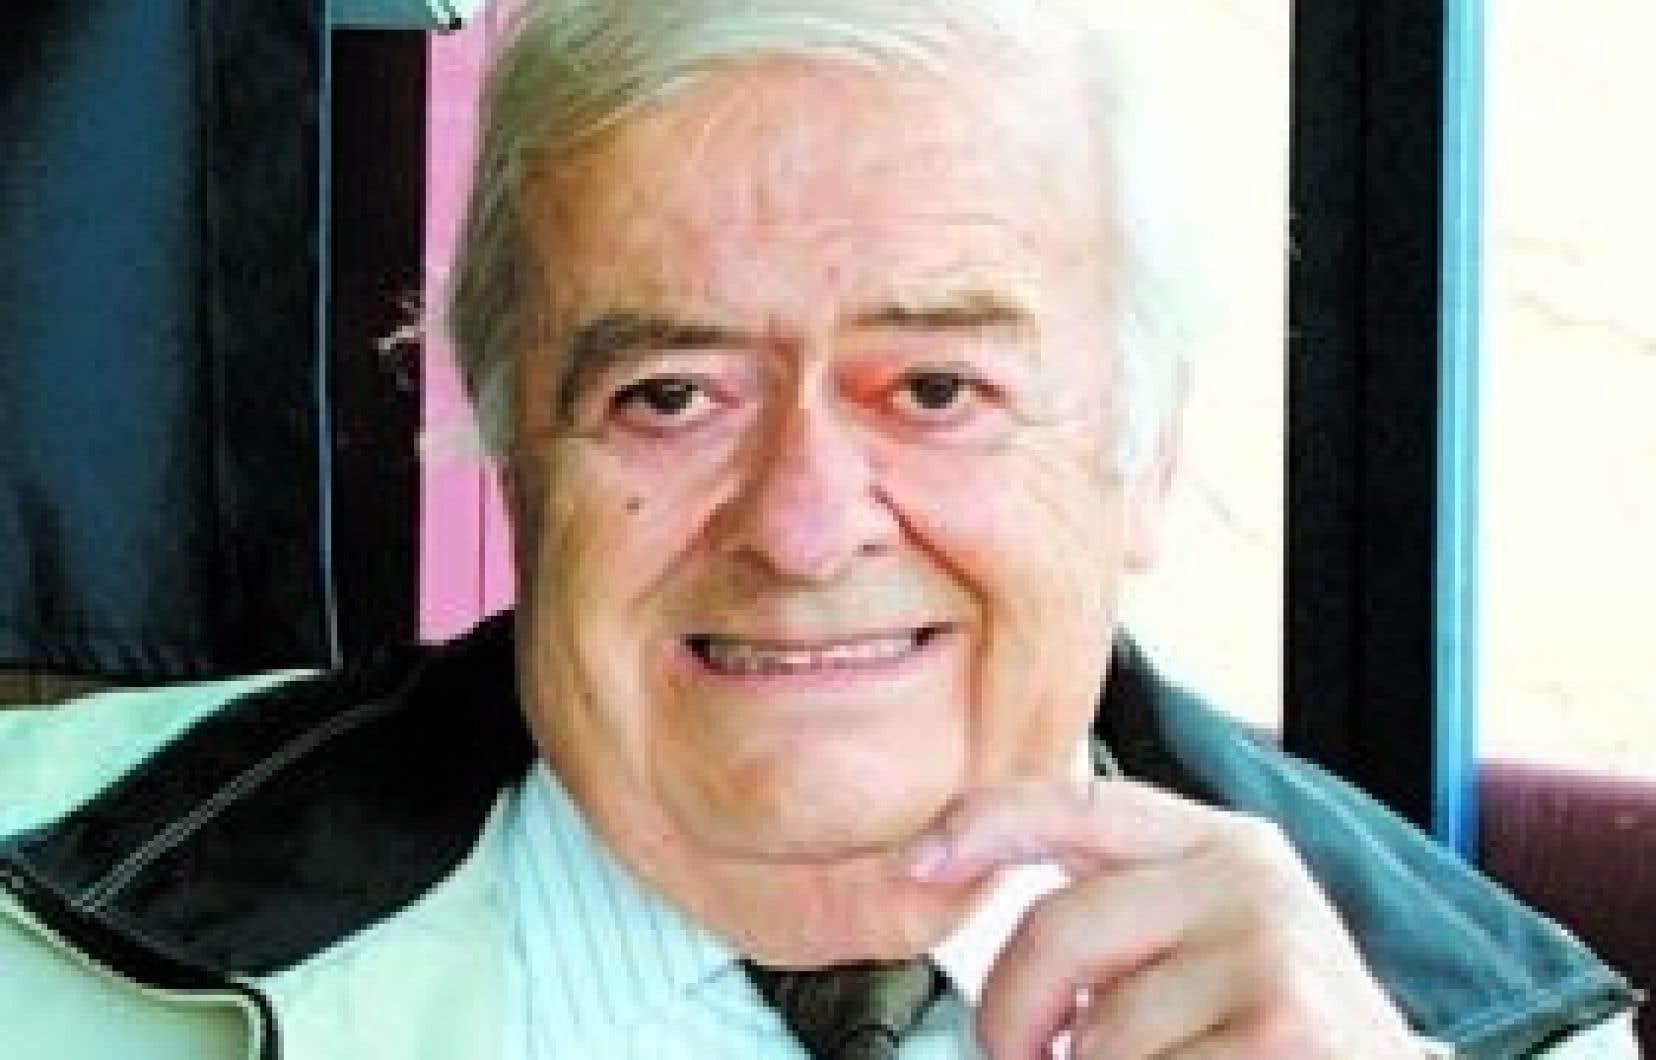 Les témoignages d'amitié et d'admiration à l'égard de la figure légendaire du père Lindsay, emporté mardi à l'âge de 80 ans par une infection fulgurante contractée à la suite d'une opération, ont continué d'affluer hier.